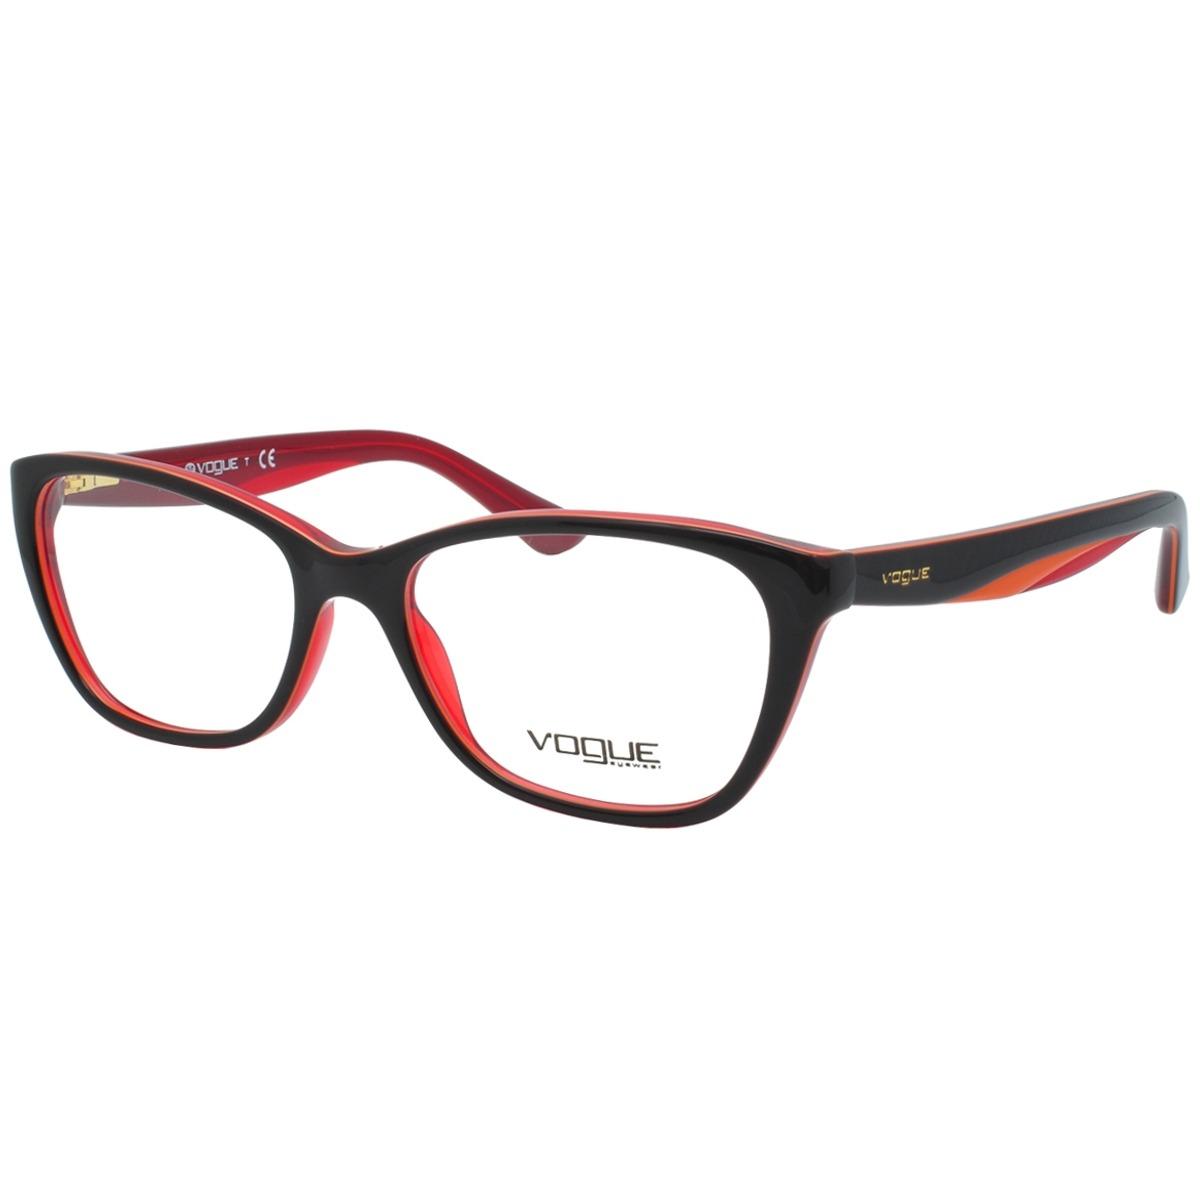 72ee3246ab5cf óculos de grau vogue feminino vo2961 2312 - acetato vermelho. Carregando  zoom.